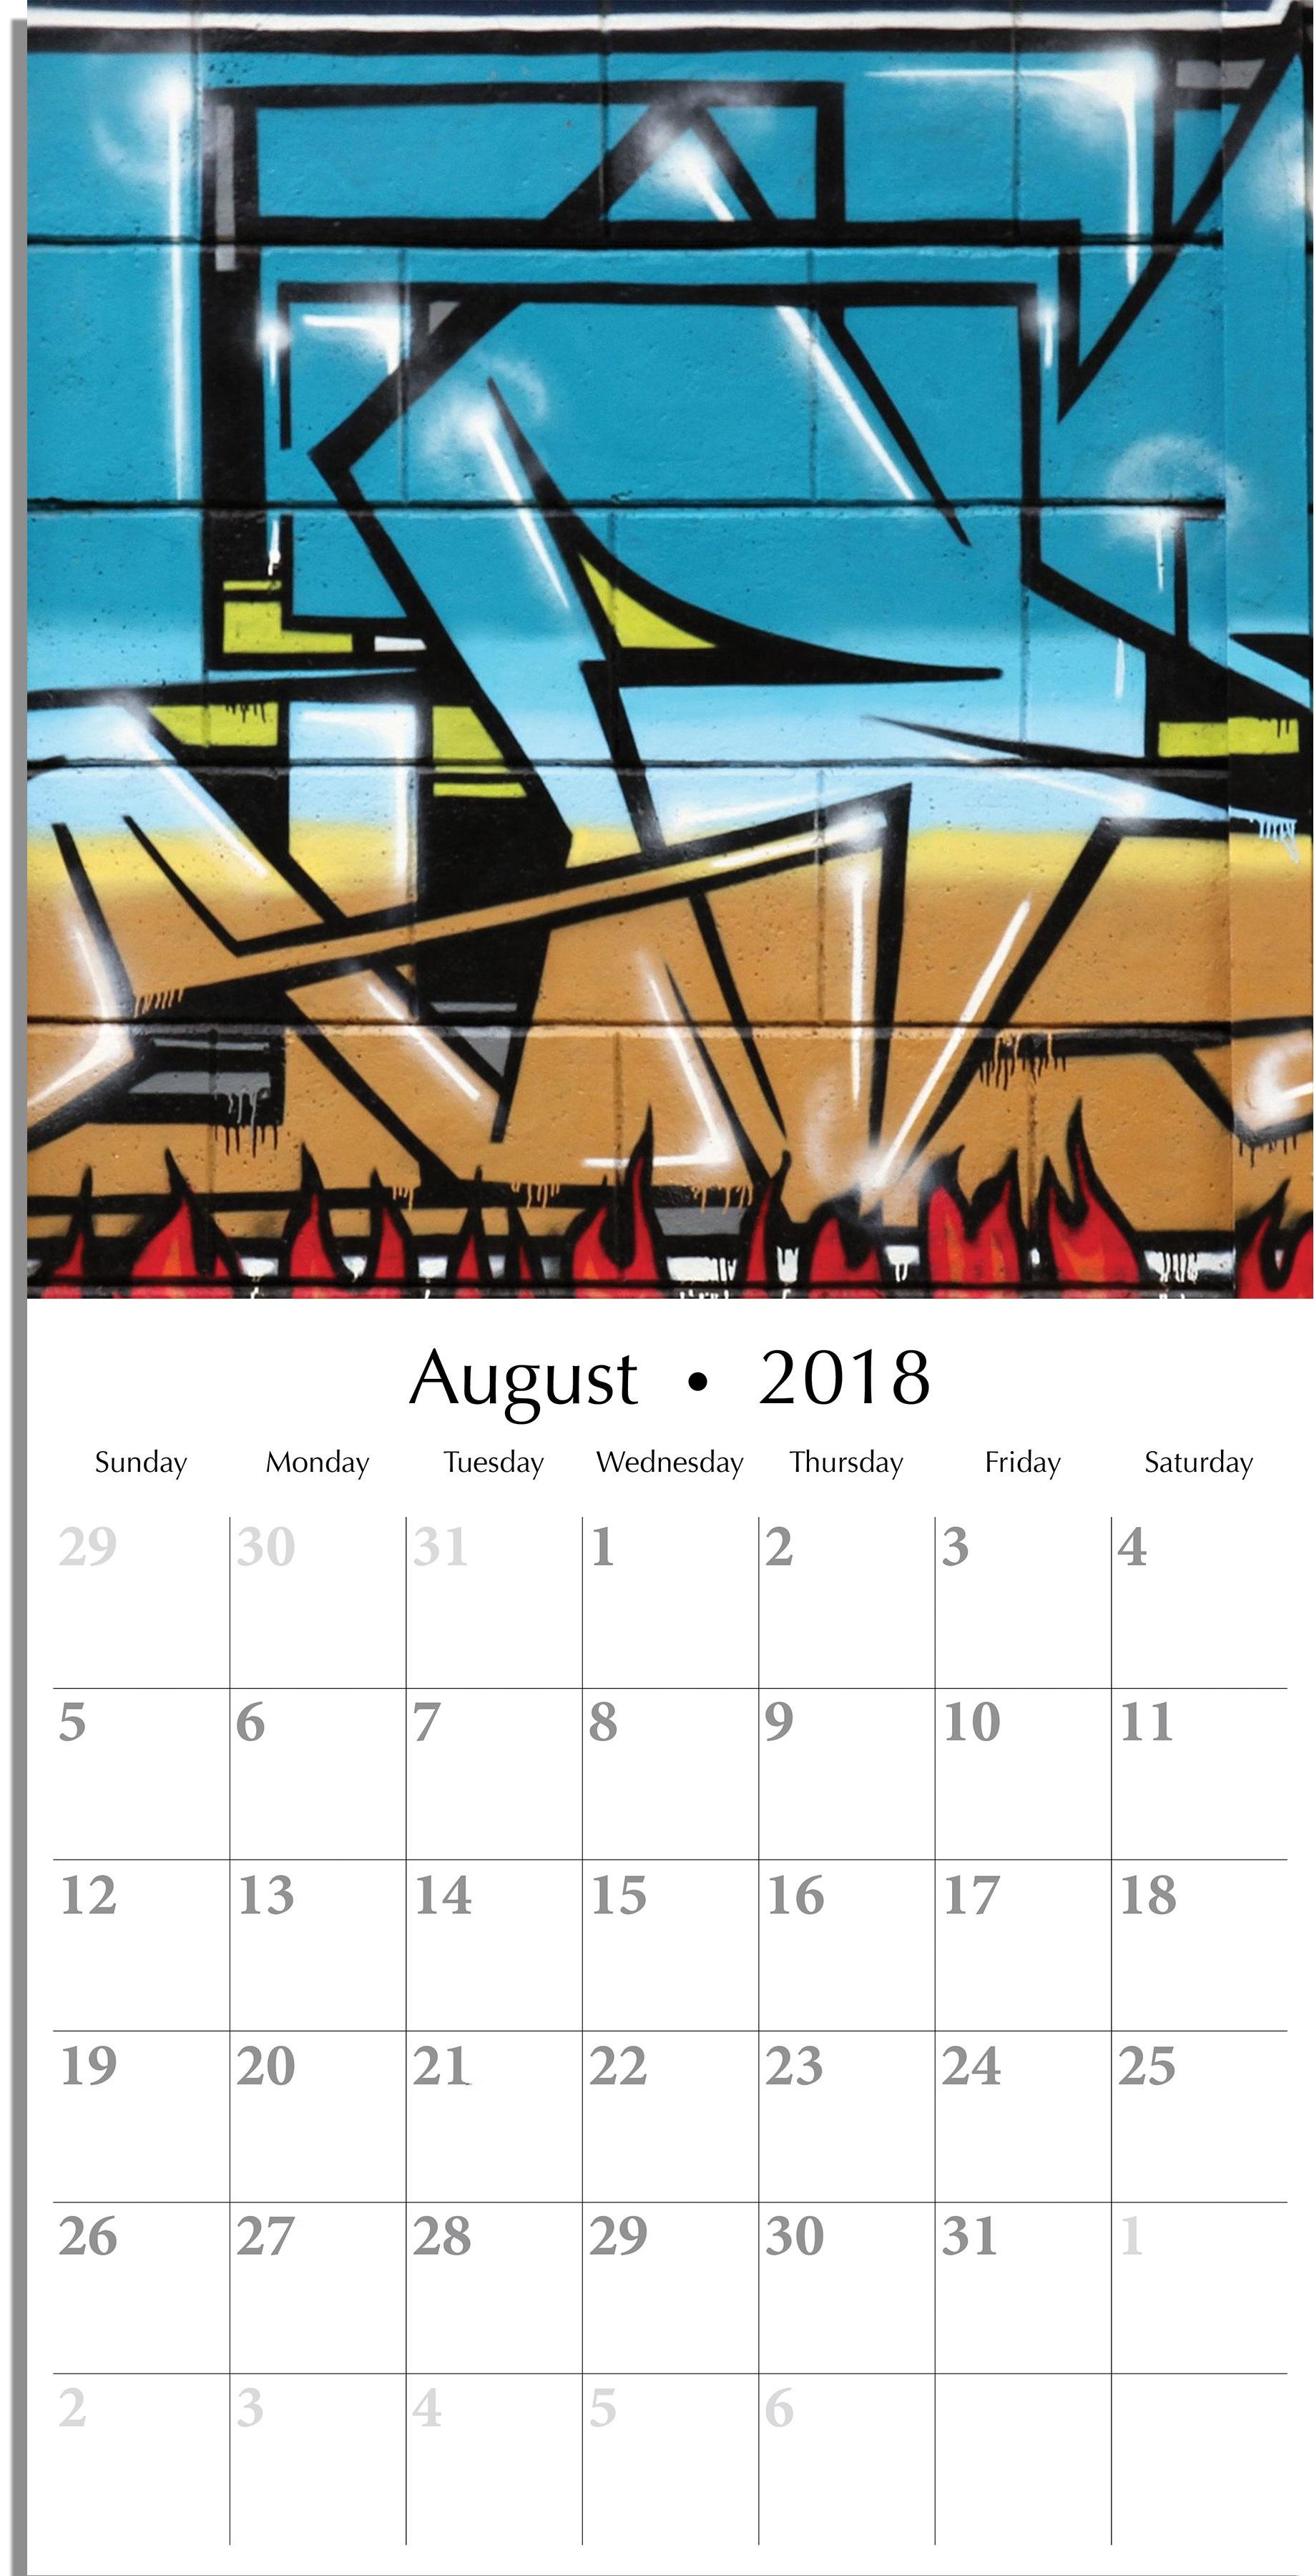 August 2018 Wall Calendar Planner